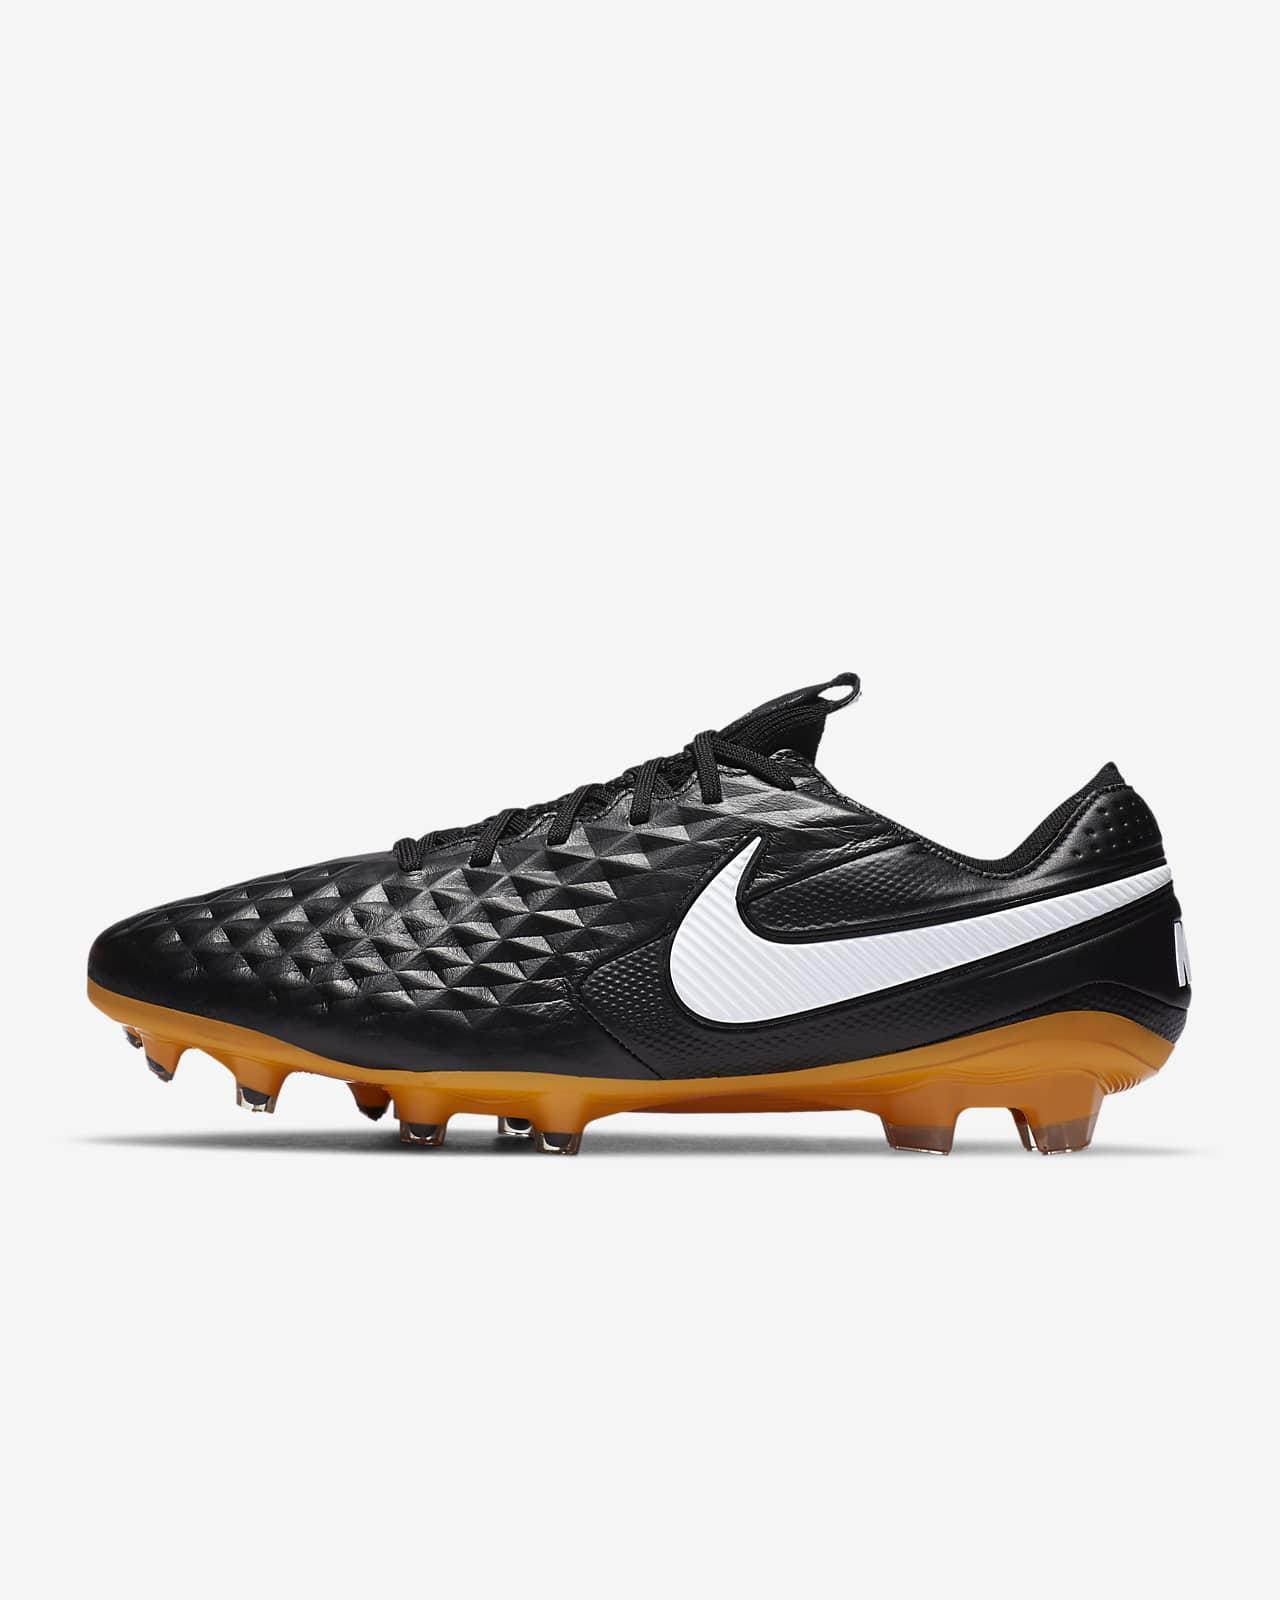 Picotear Preceder contraste  Nike Tiempo Legend 8 Elite Tech Craft FG Firm-Ground Soccer Cleat. Nike.com